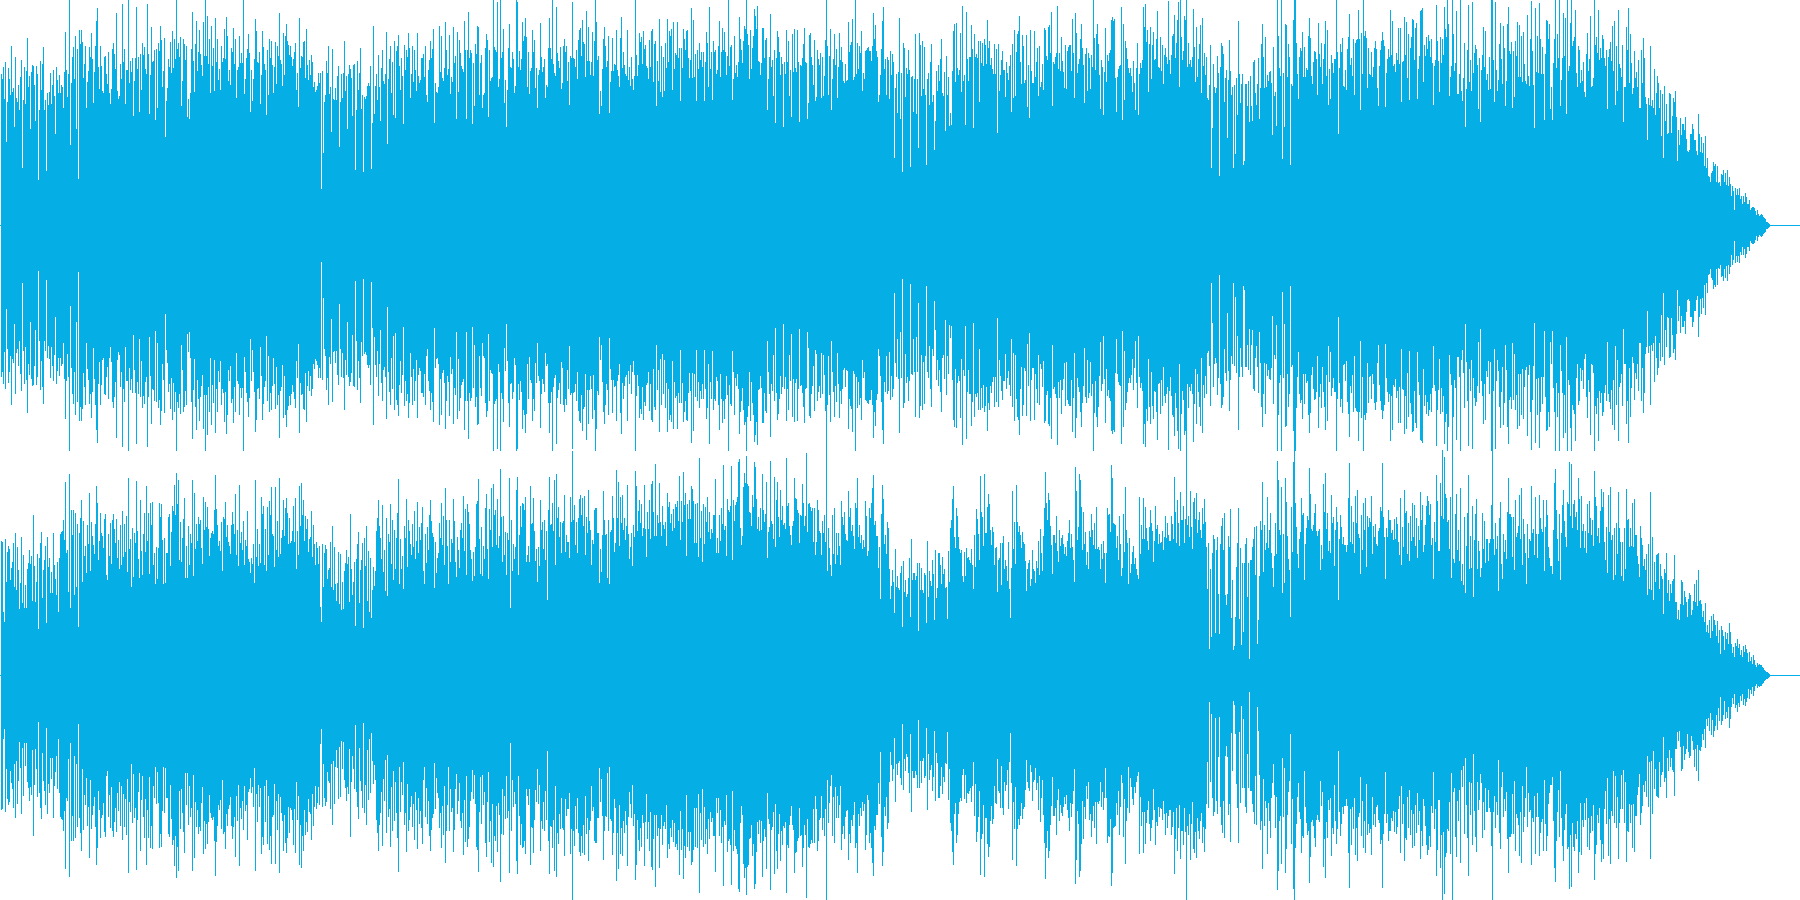 ほのぼの軽やかお散歩ギターインストの再生済みの波形